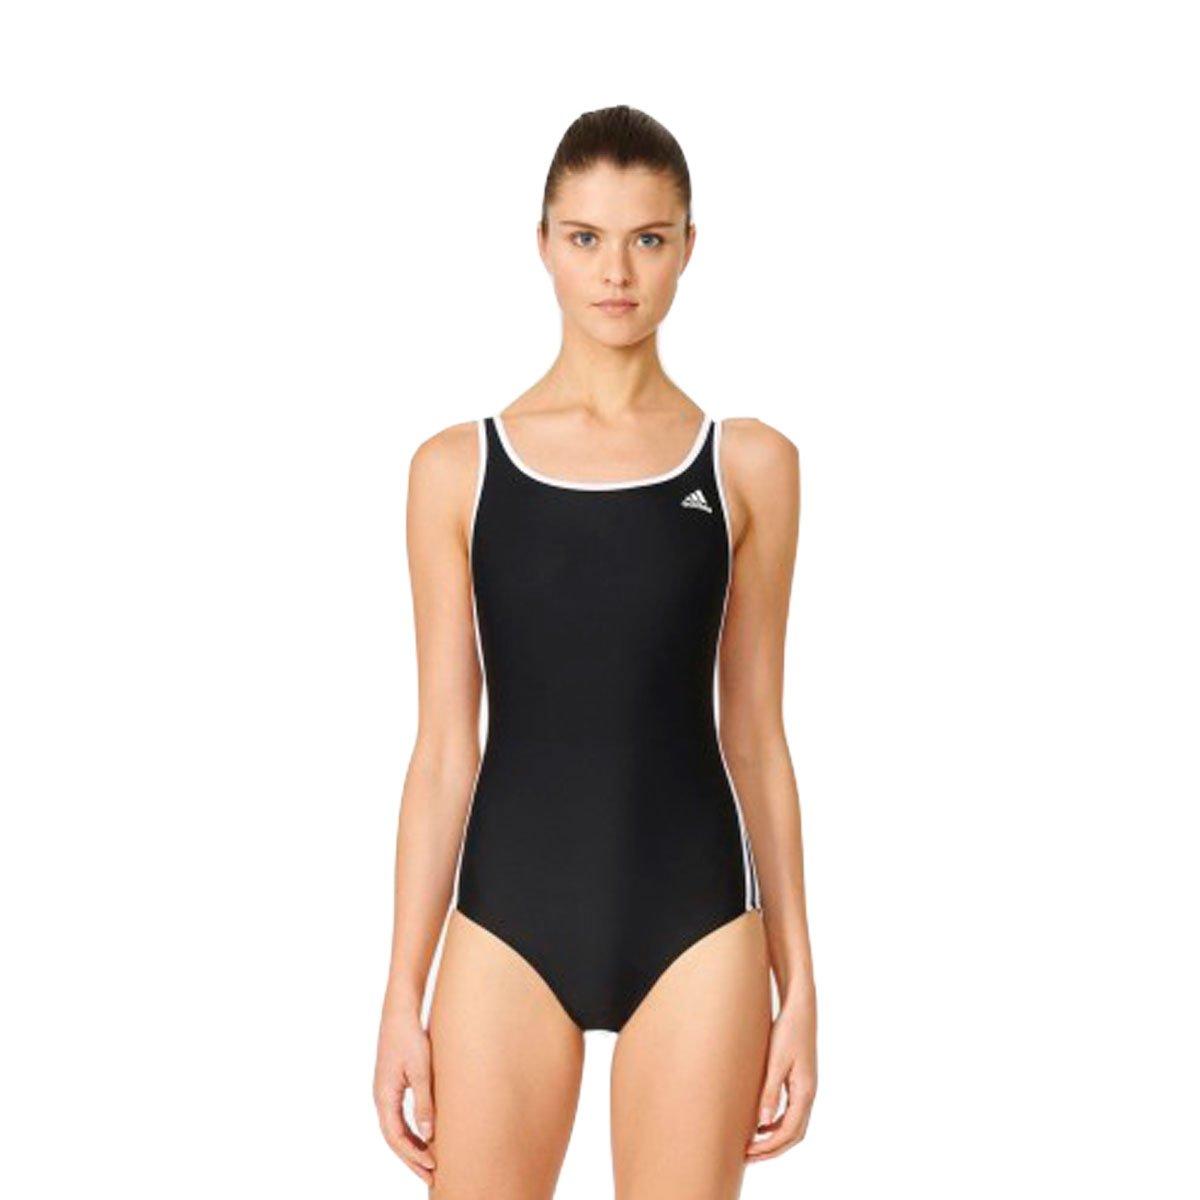 Bizz Store - Maiô Feminino Adidas Infinitex I 3S Preto Natação 6ba4937711fab